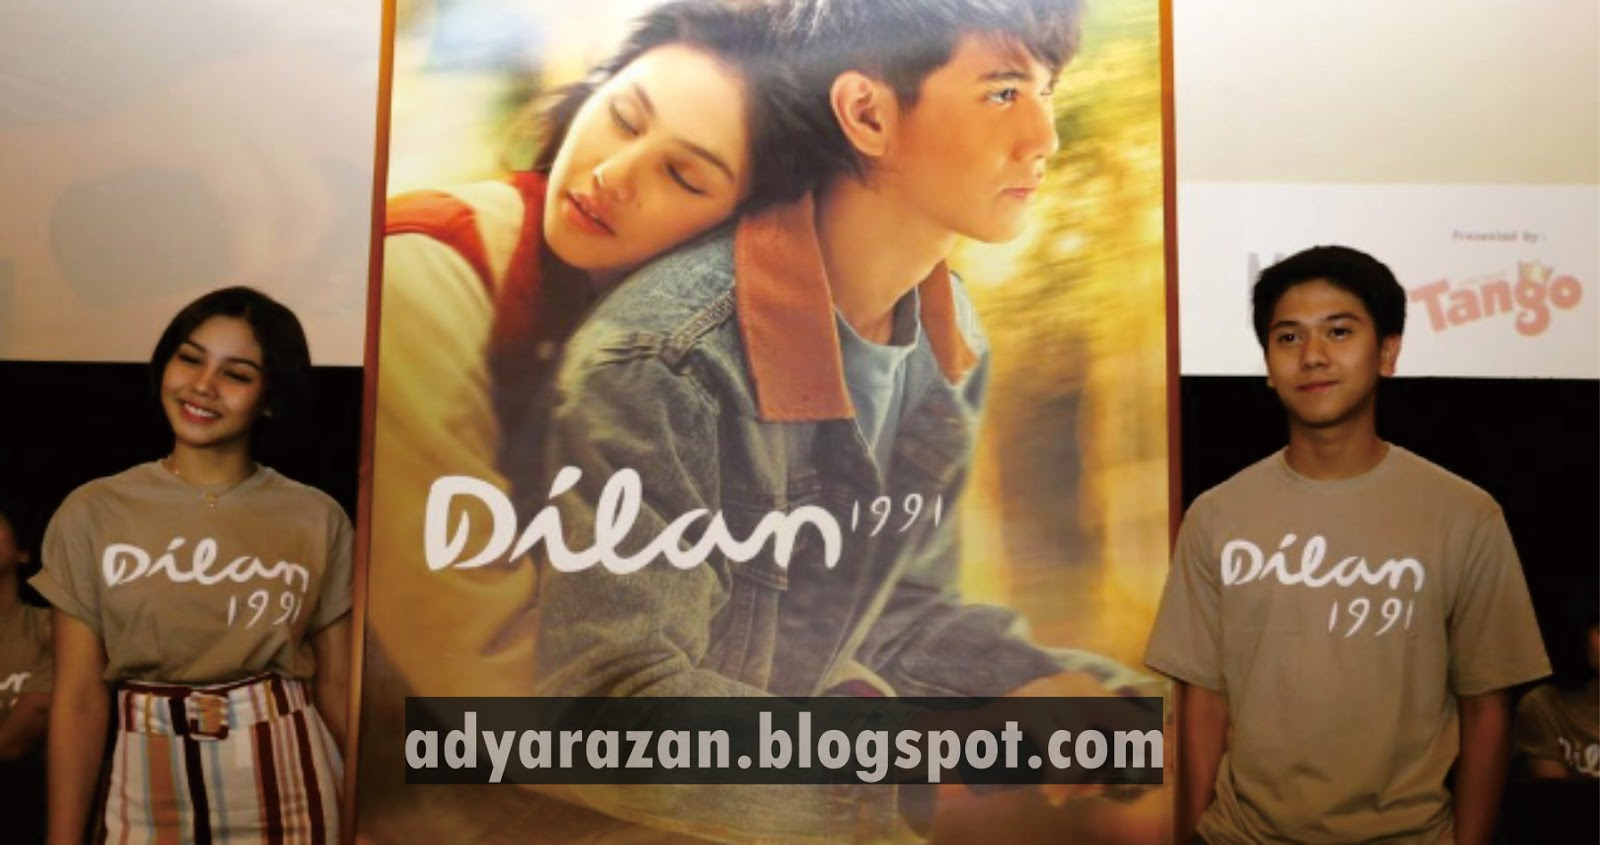 Daftar Nama Aktor Dan Aktris Pemain Film Dilan 1991 Adya Razan